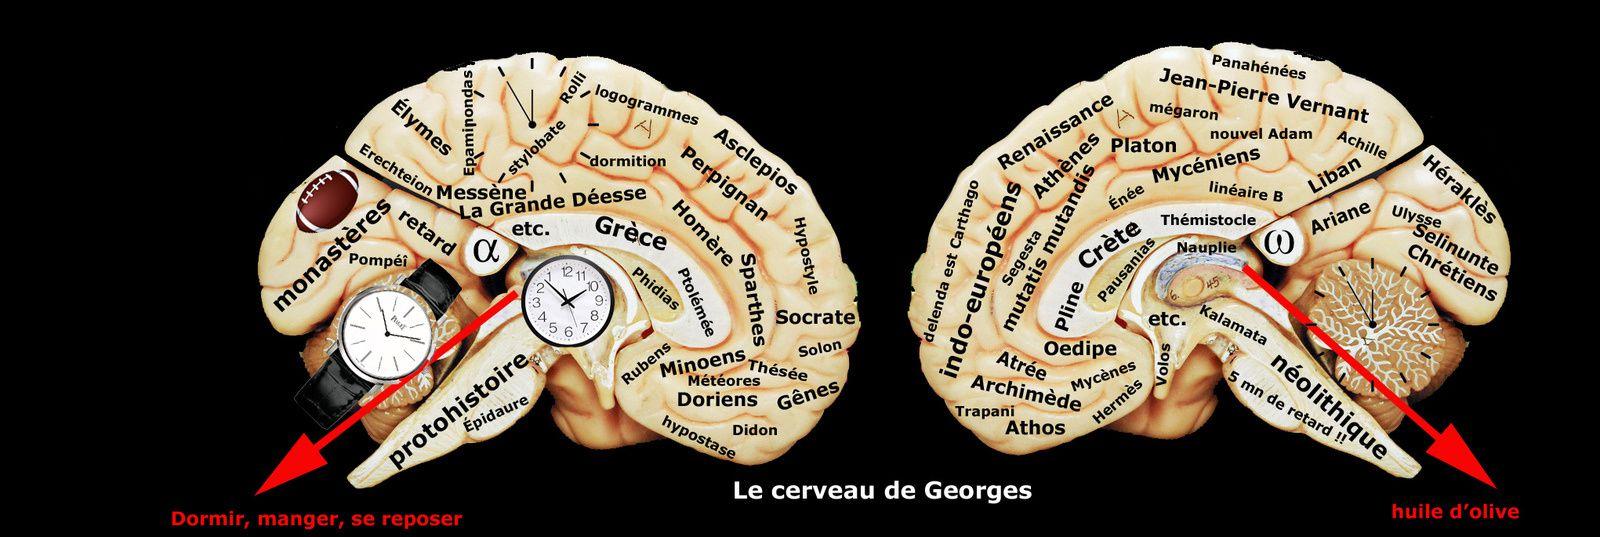 Le cerveau de Georges